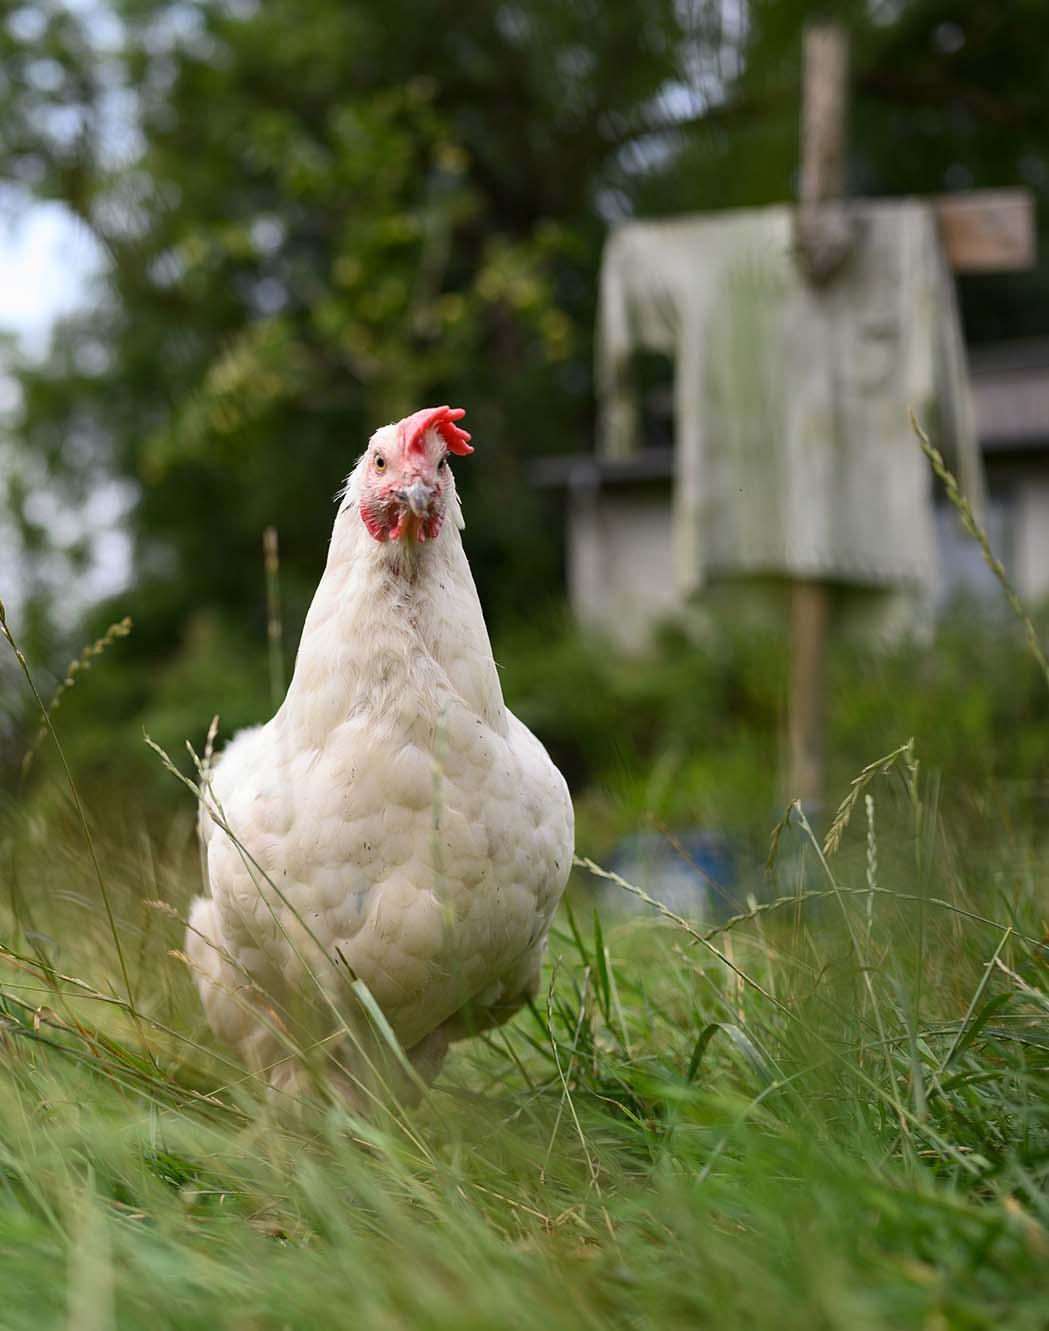 Freilaufendes Huhn auf einer Wiese